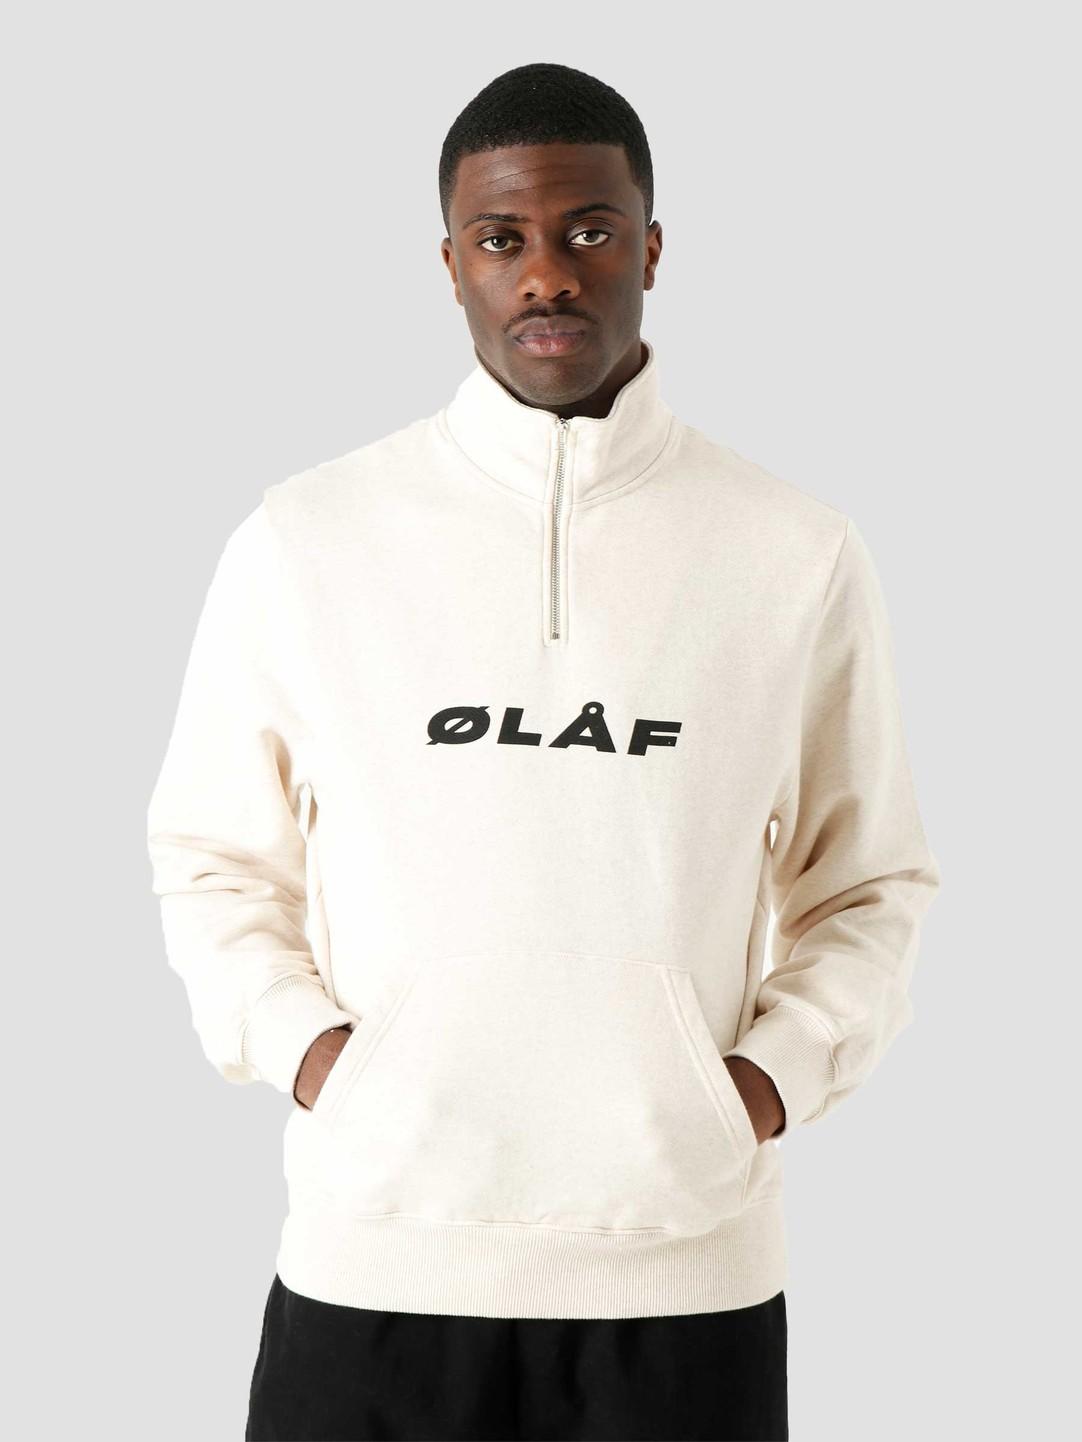 Olaf Hussein Olaf Hussein OH Italic Zip Mock Ecru Heather